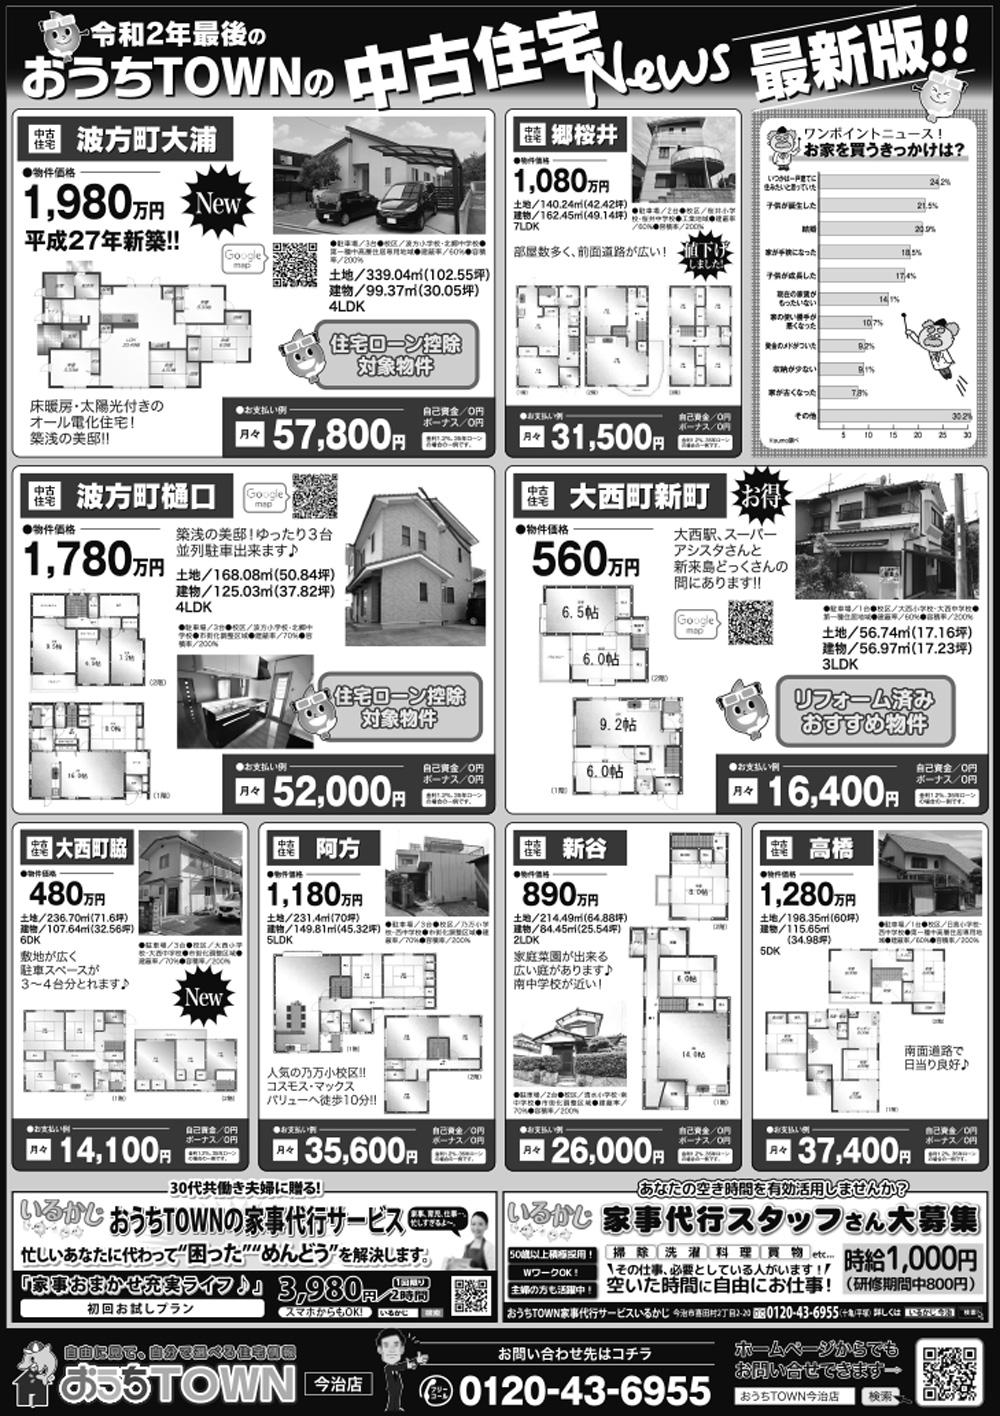 物件画像:【最新版!!】おうちTOWN中古住宅ニュース